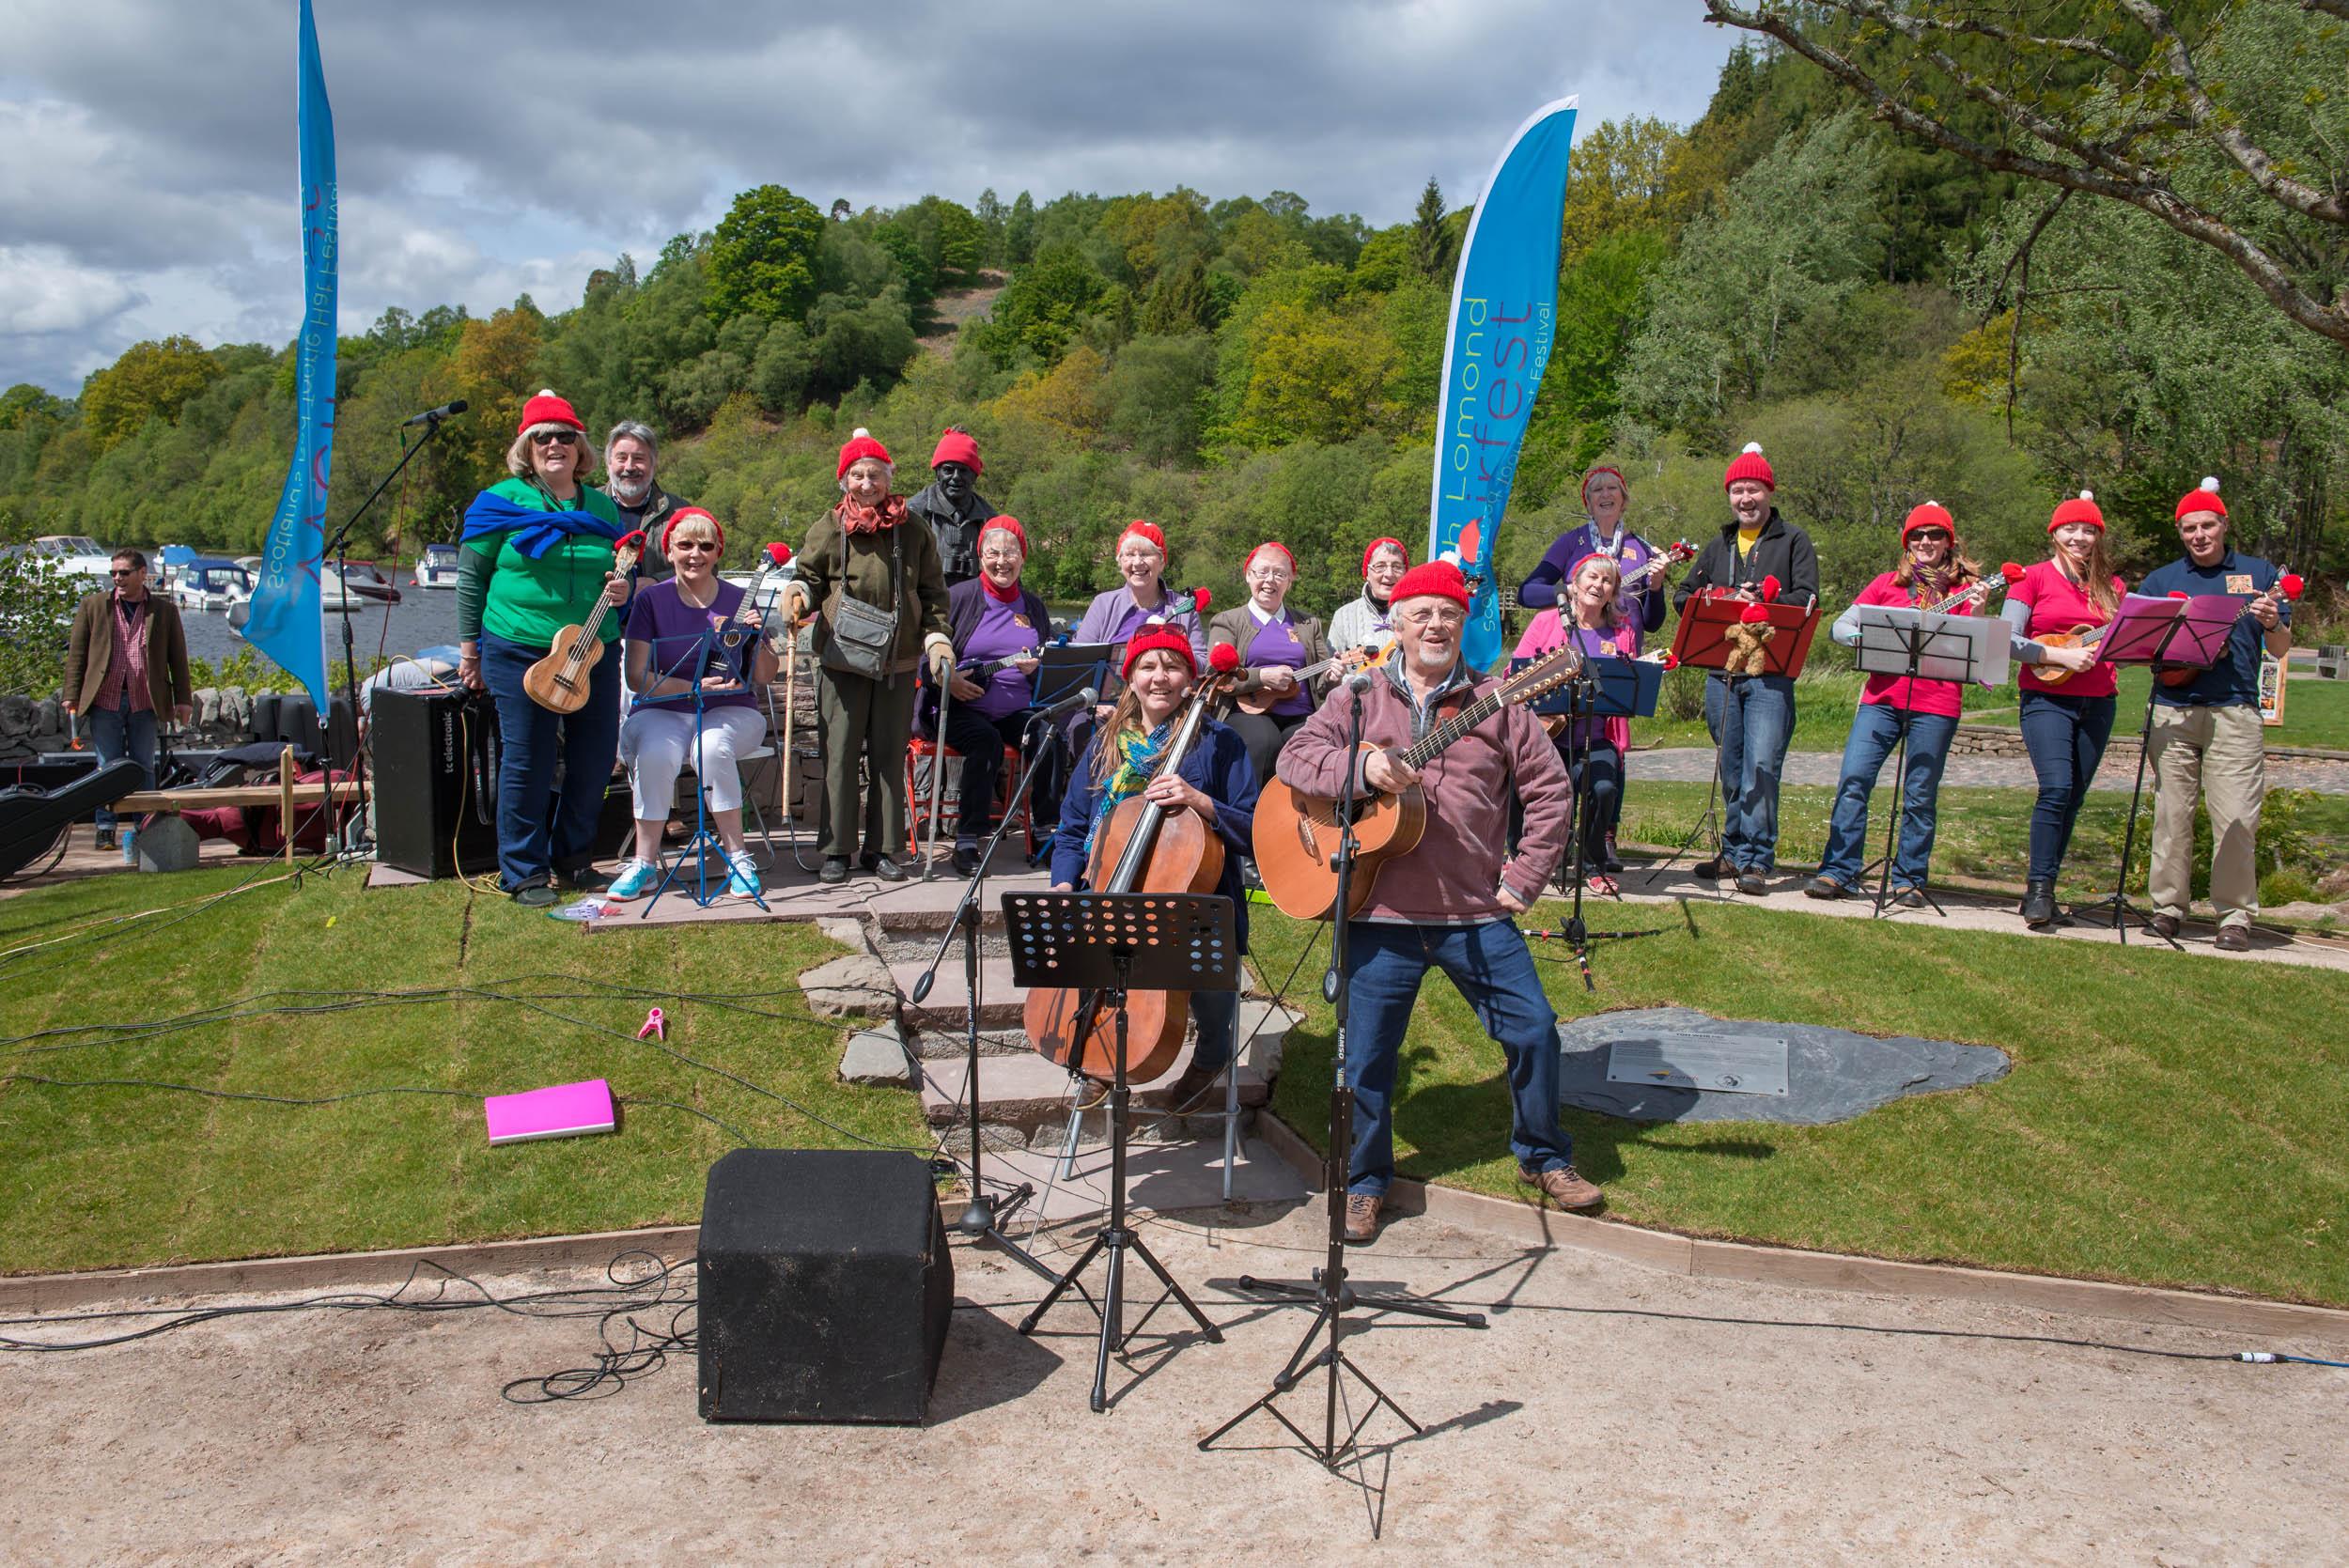 Weirfest, Loch Lomond